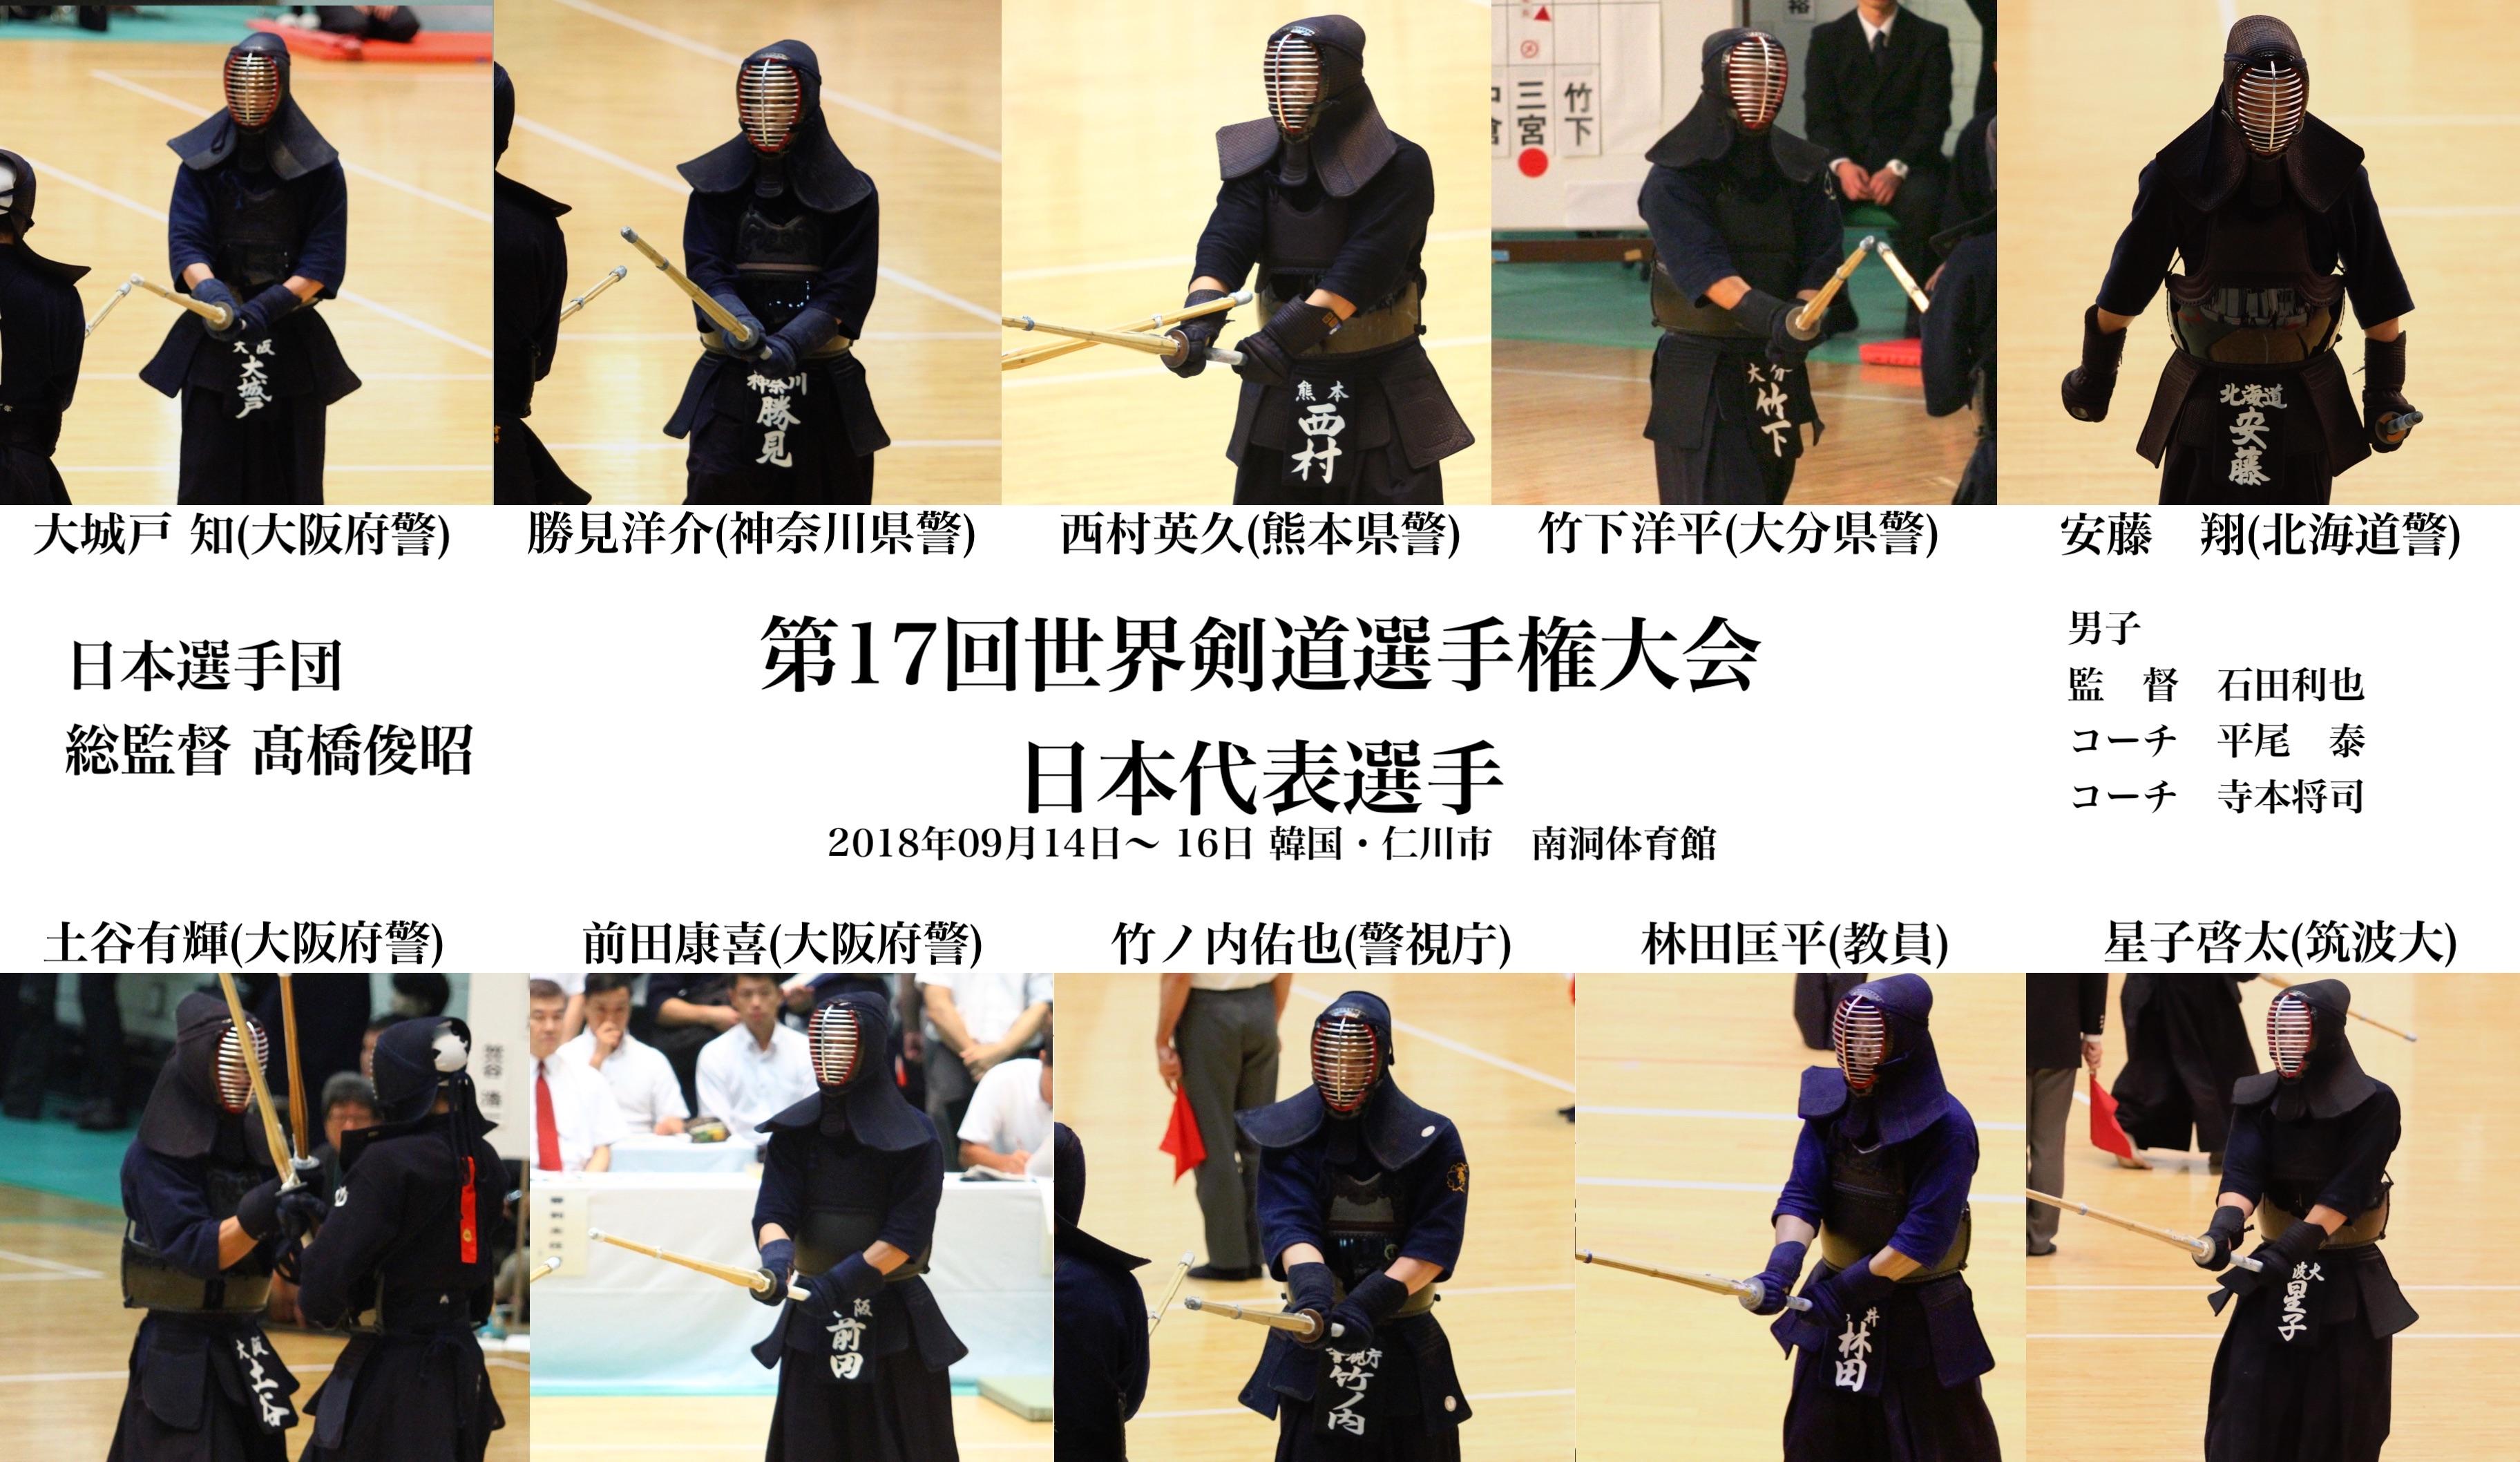 【大会情報】9/14〜16 世界剣道選手権大会